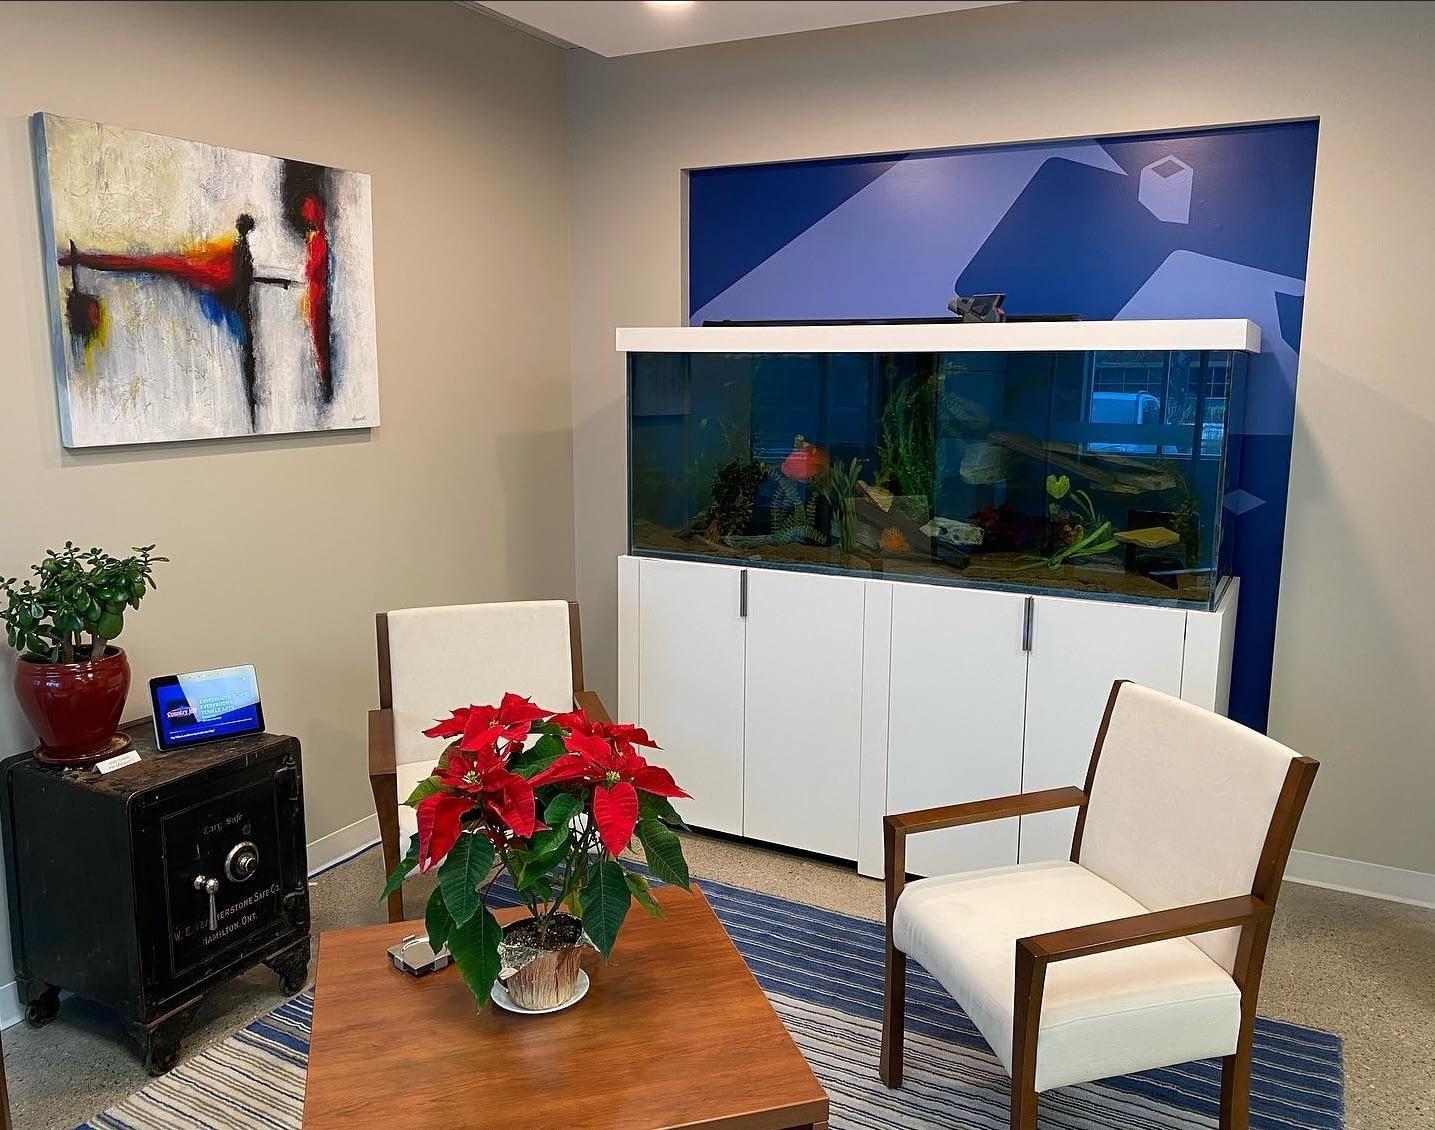 Aquarium and Room Design